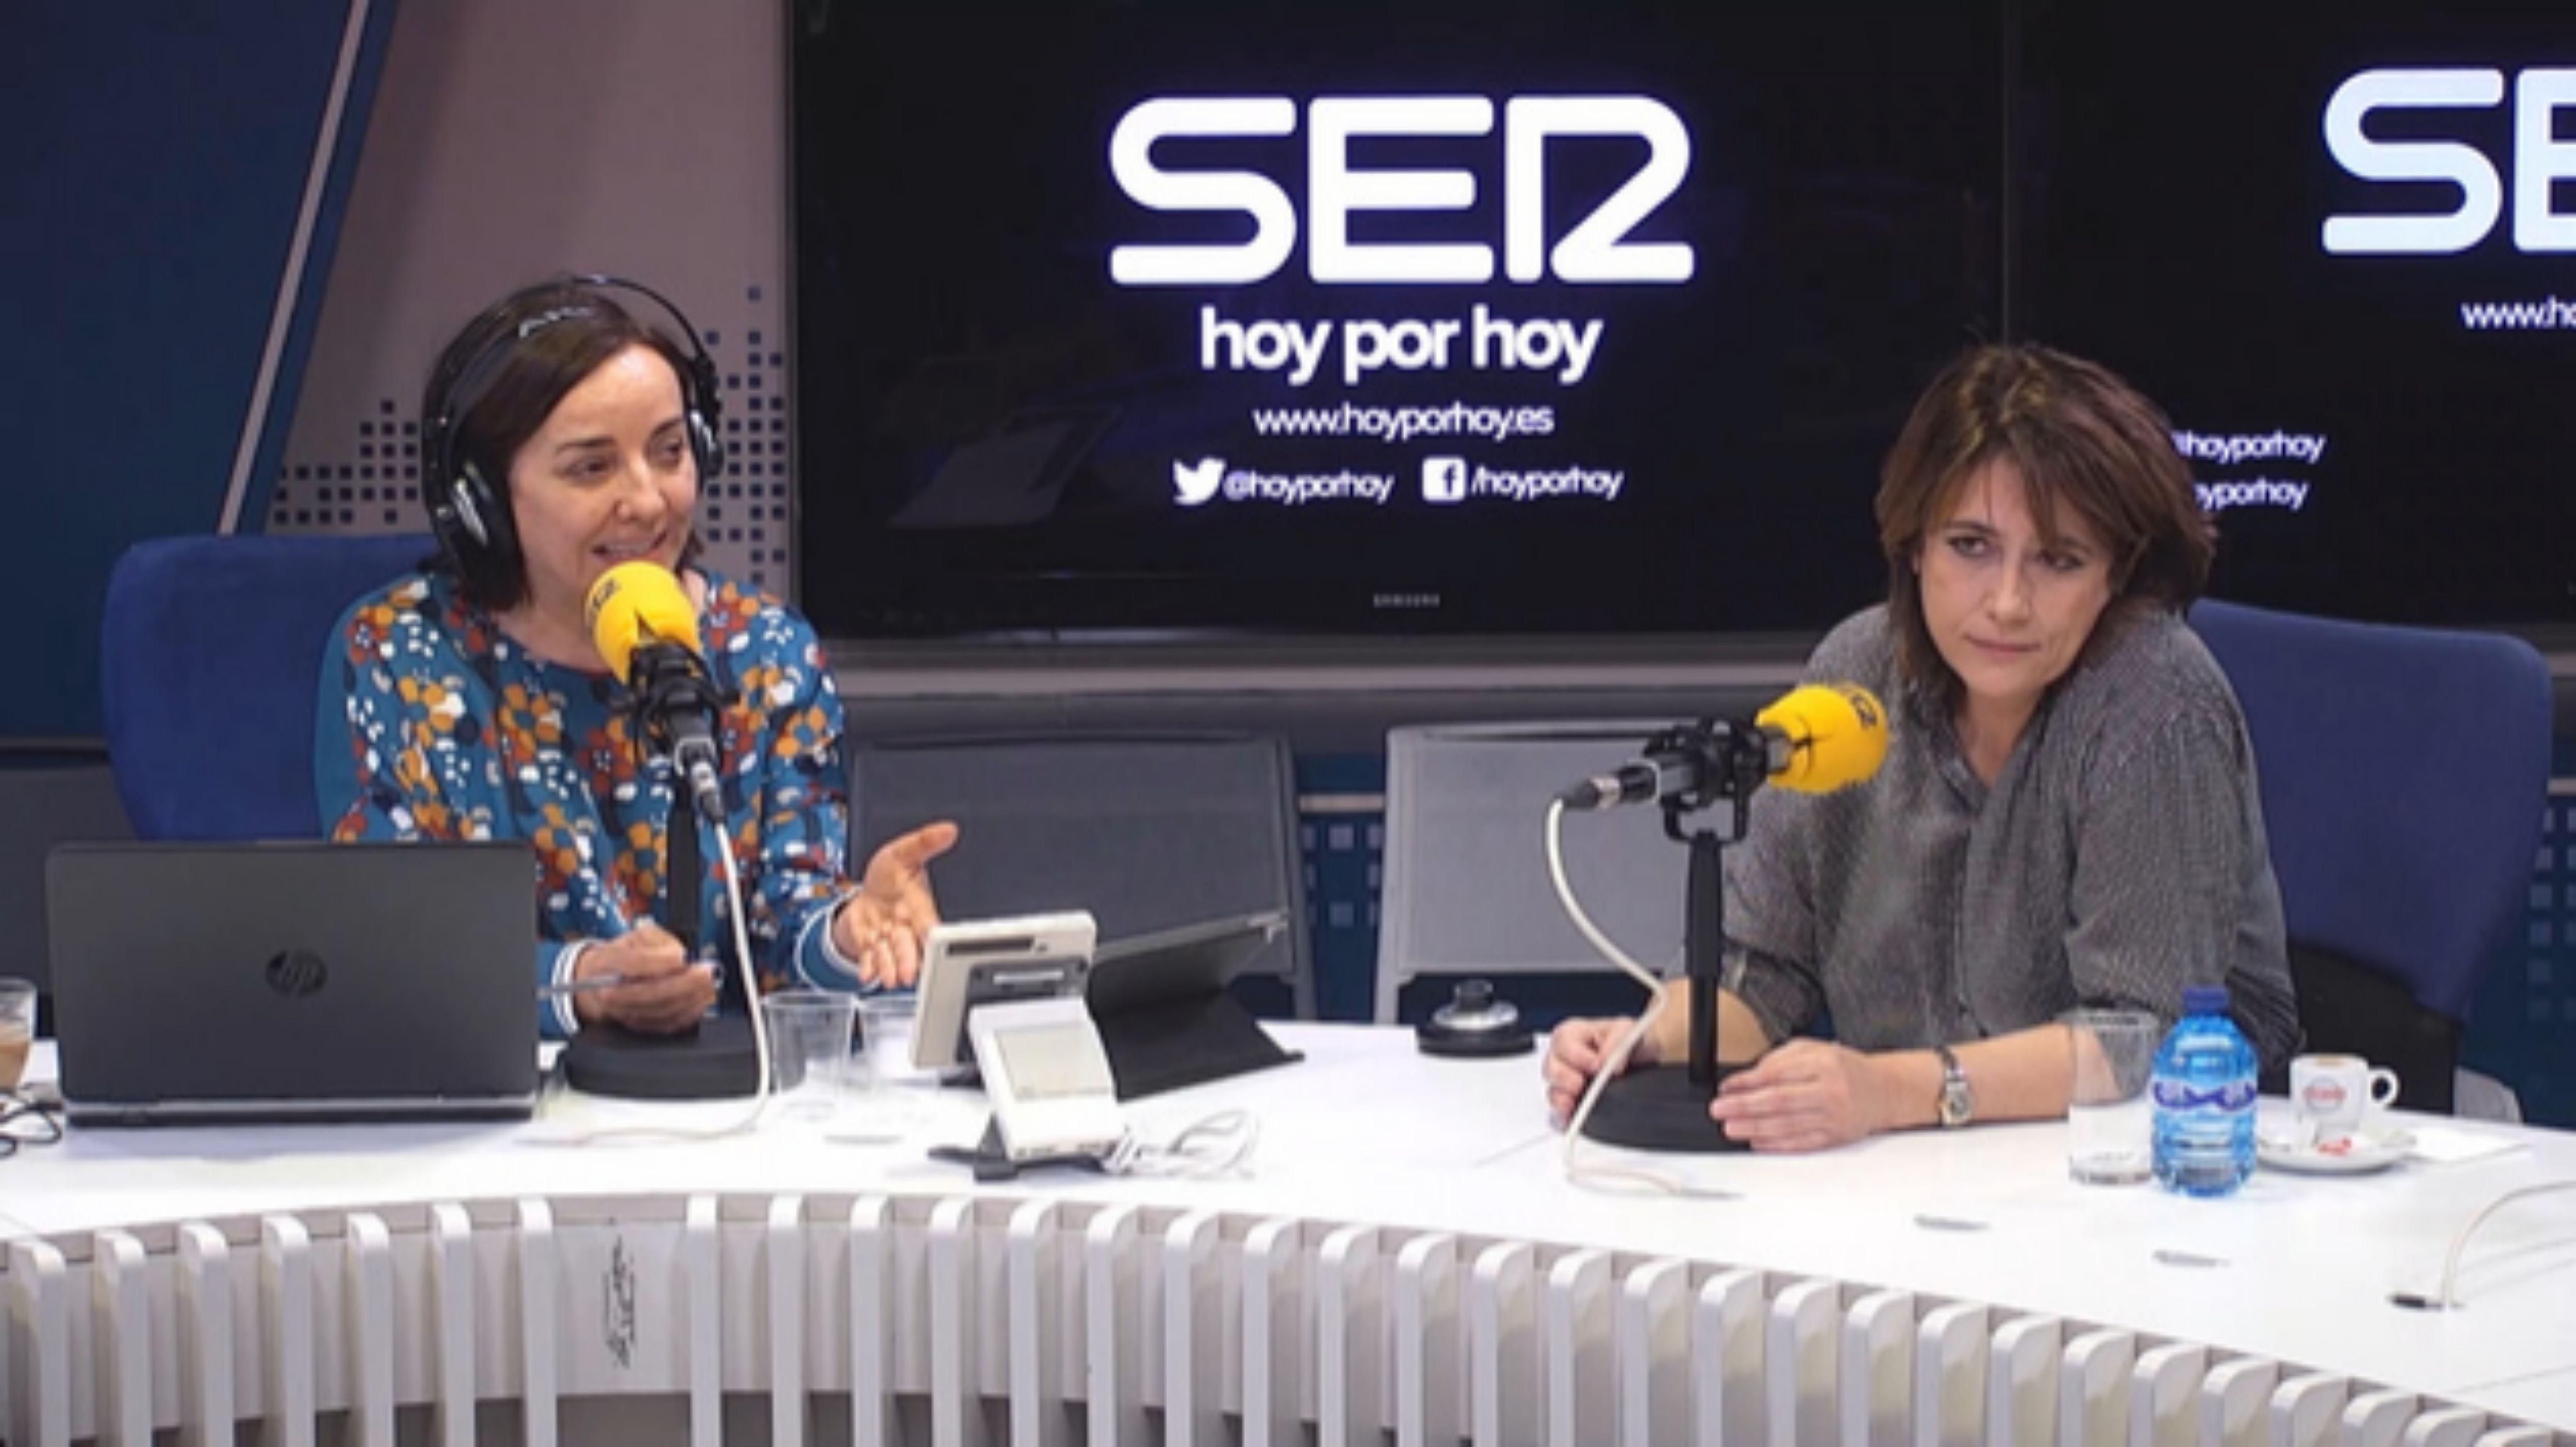 """La ministra de Justicia, Dolores Delgado, con Pepa Bueno, cuando habló de la """"derecha trifálica""""."""